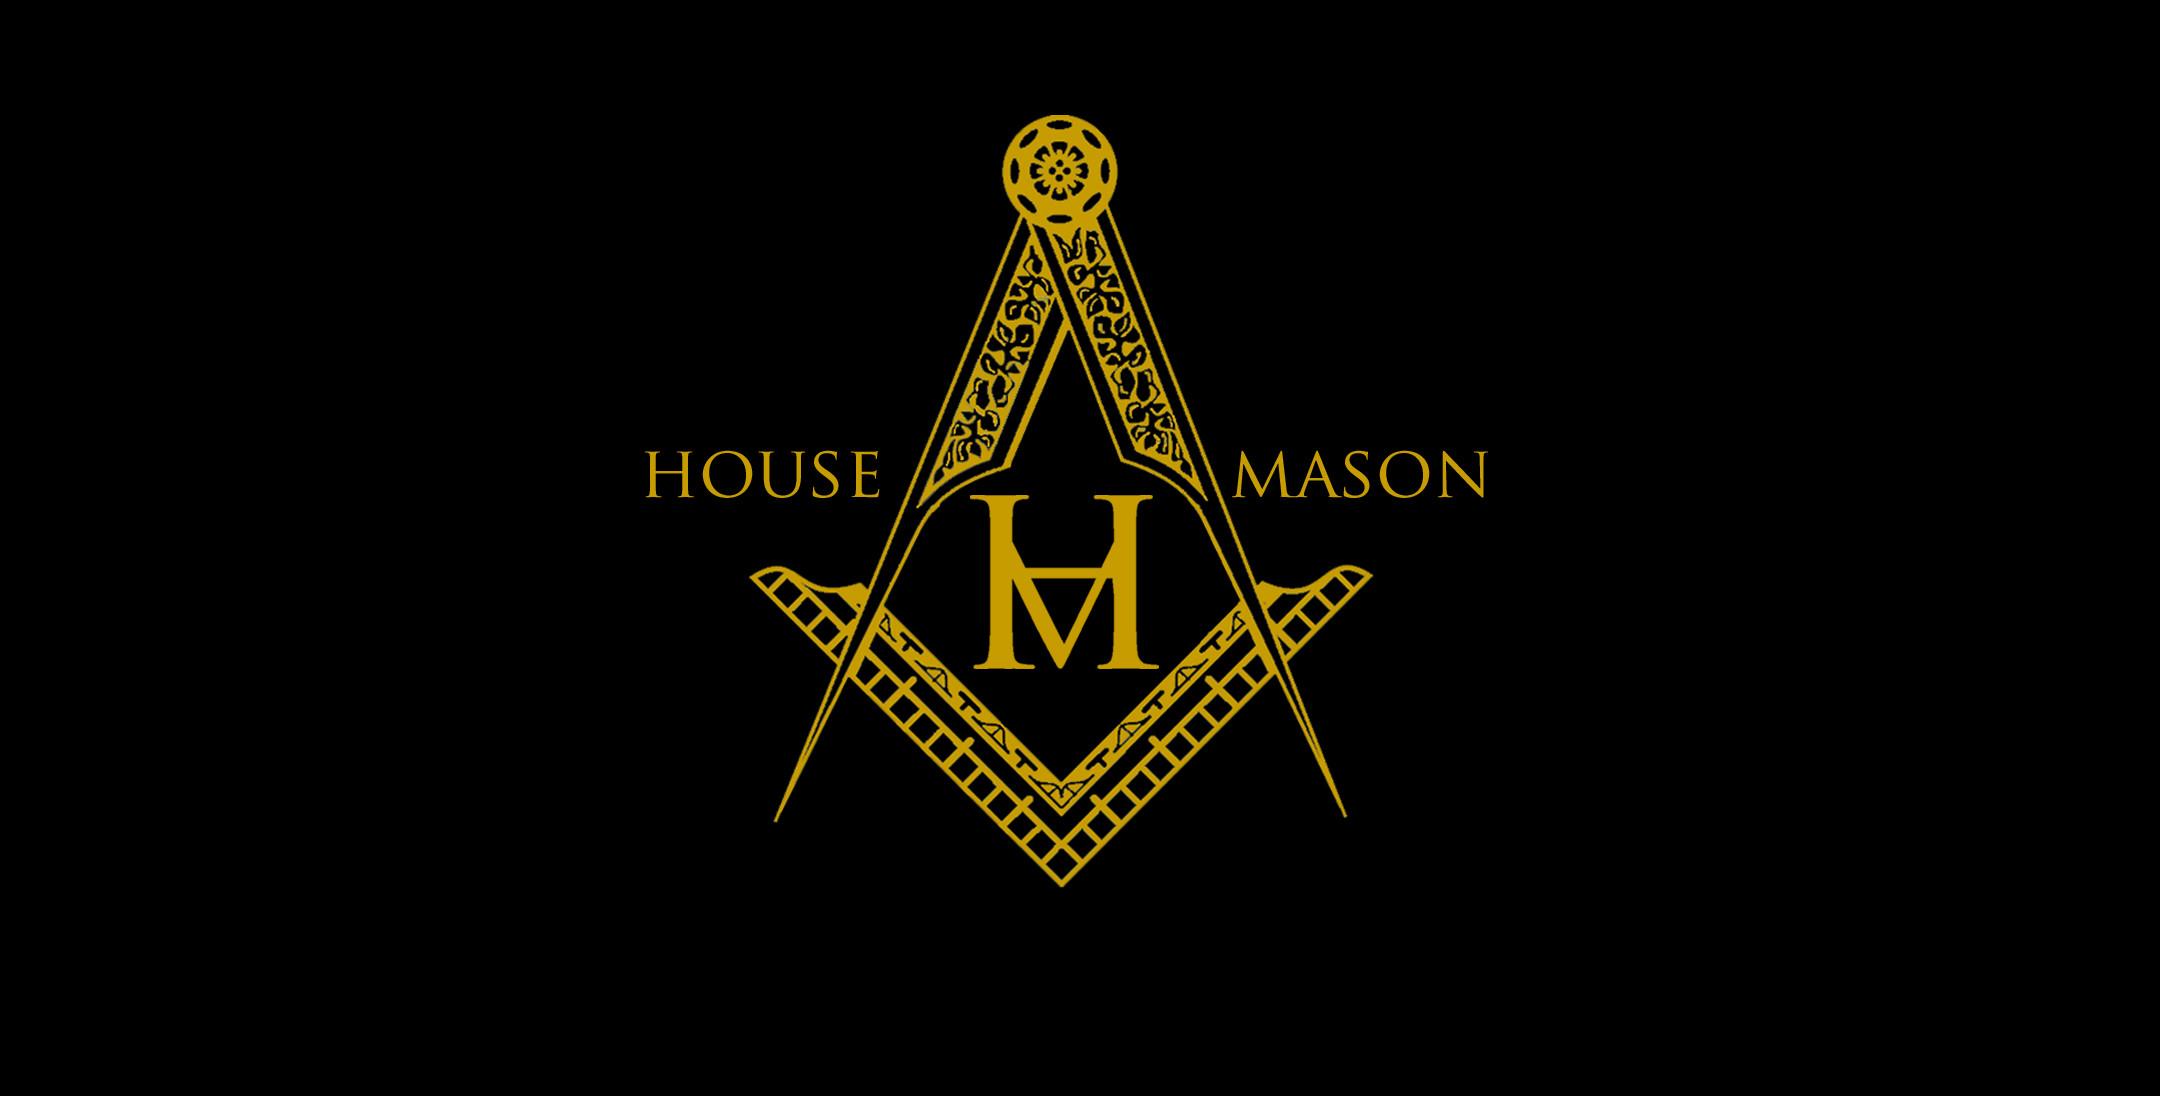 mason emblems and logos wallpaper 49 images